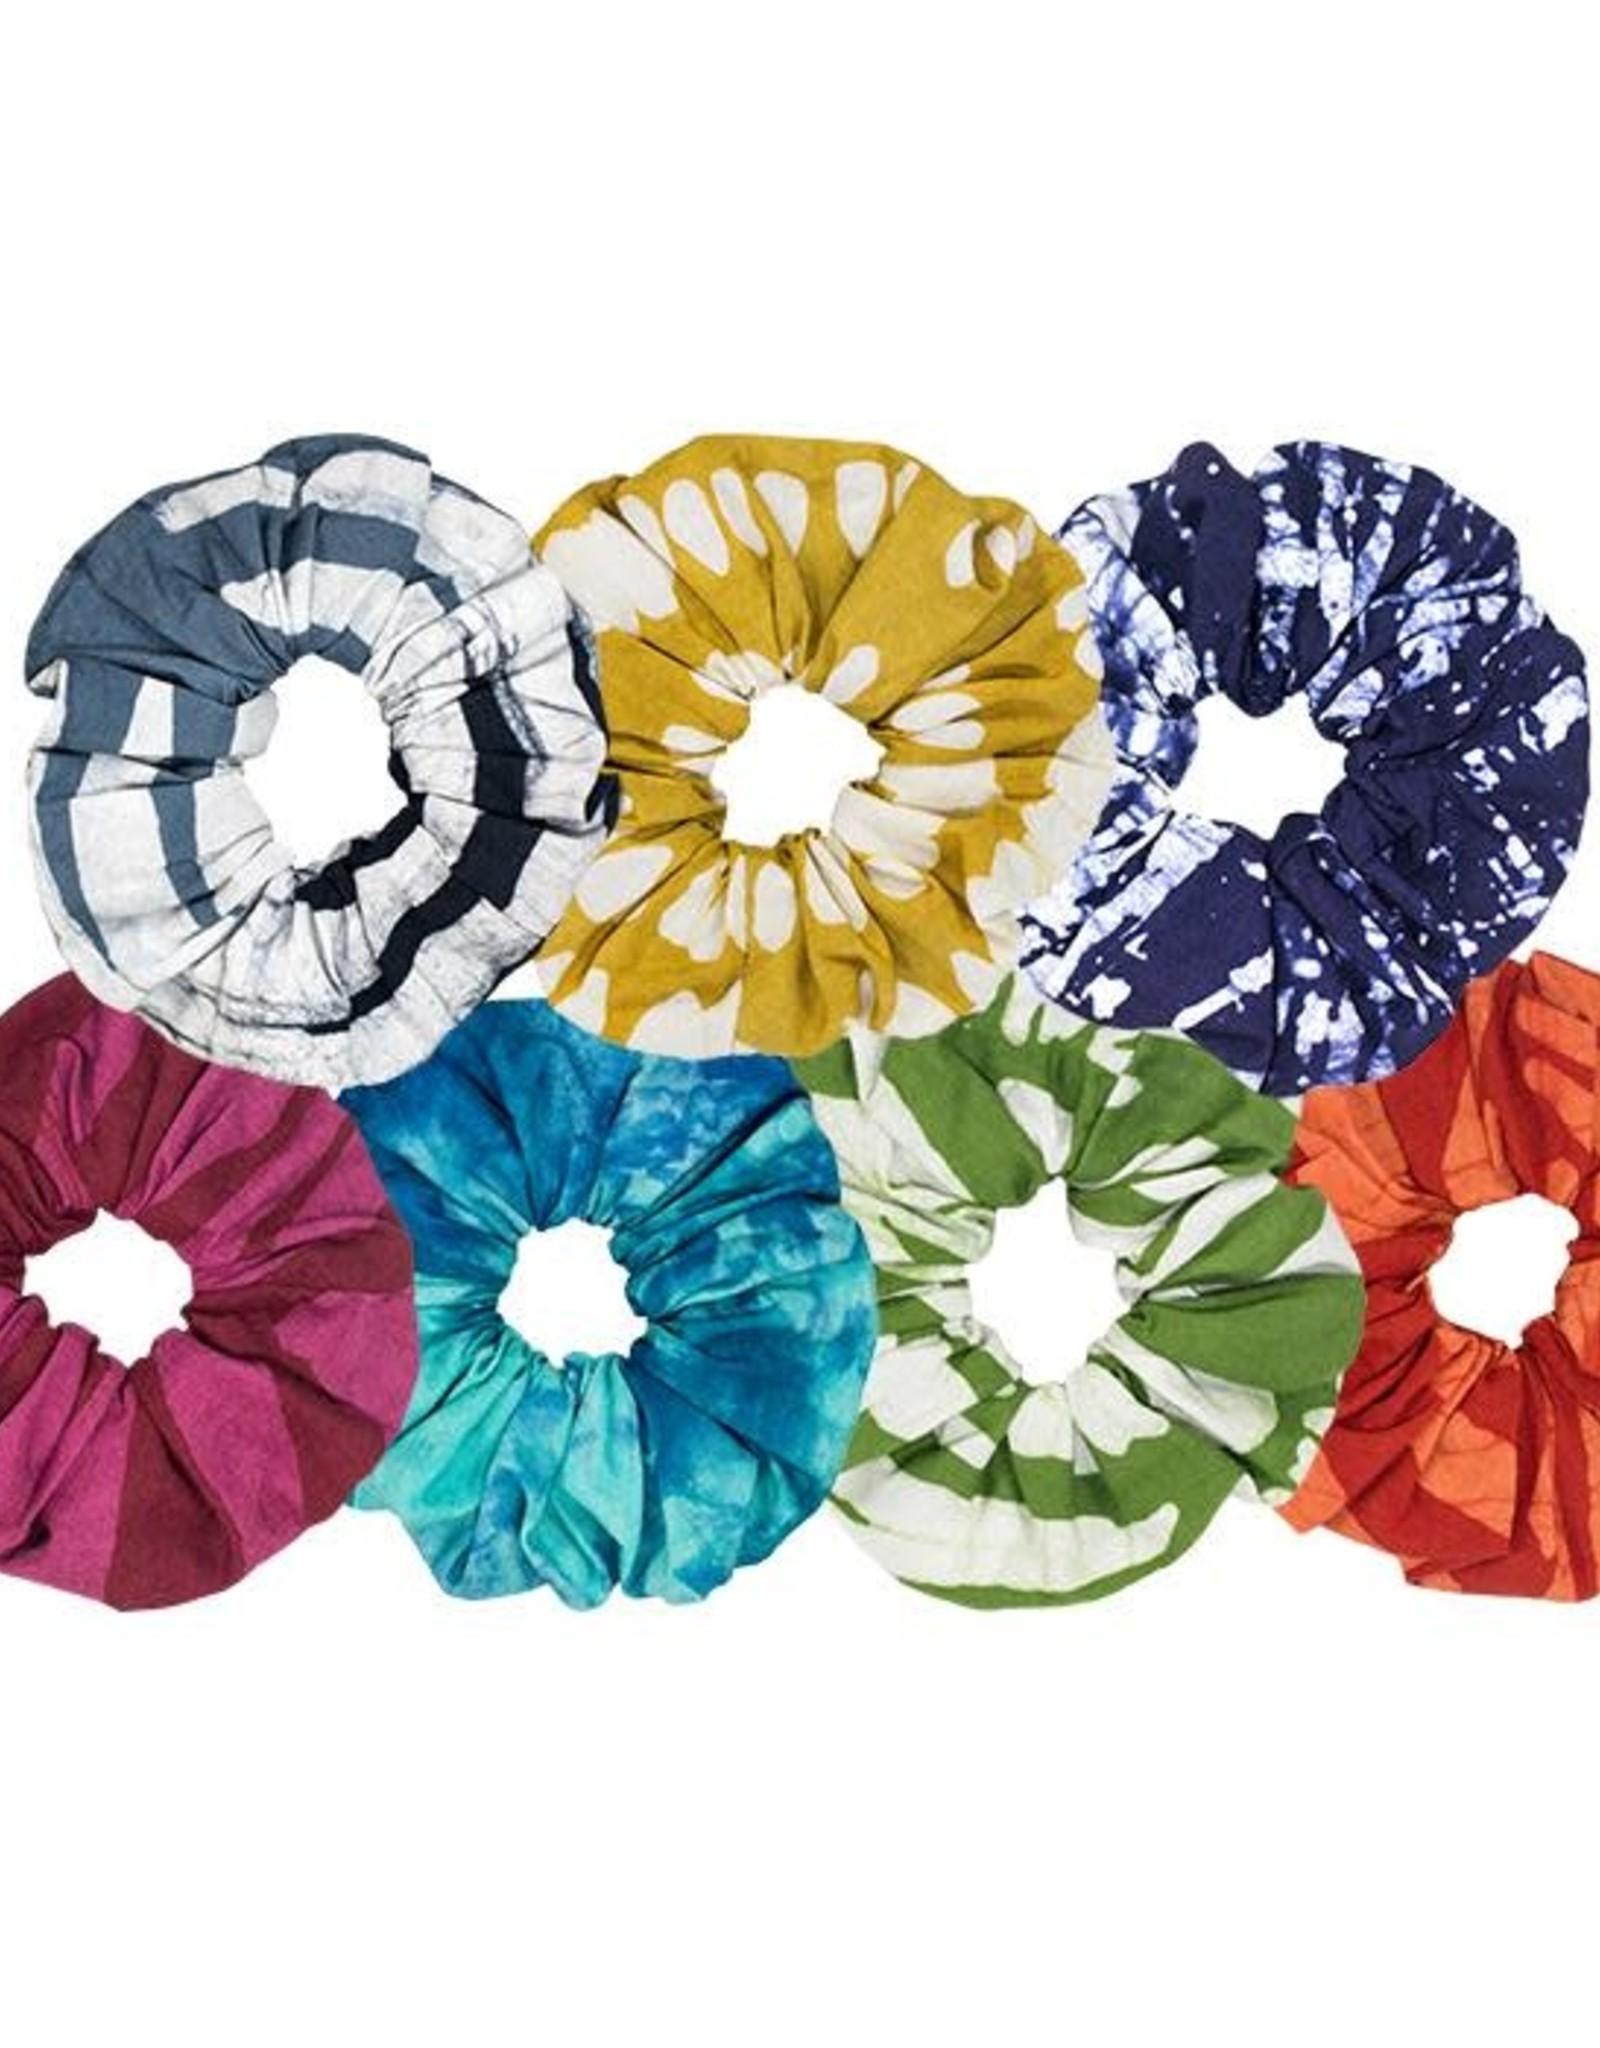 Global Mamas Batik Scrunchie